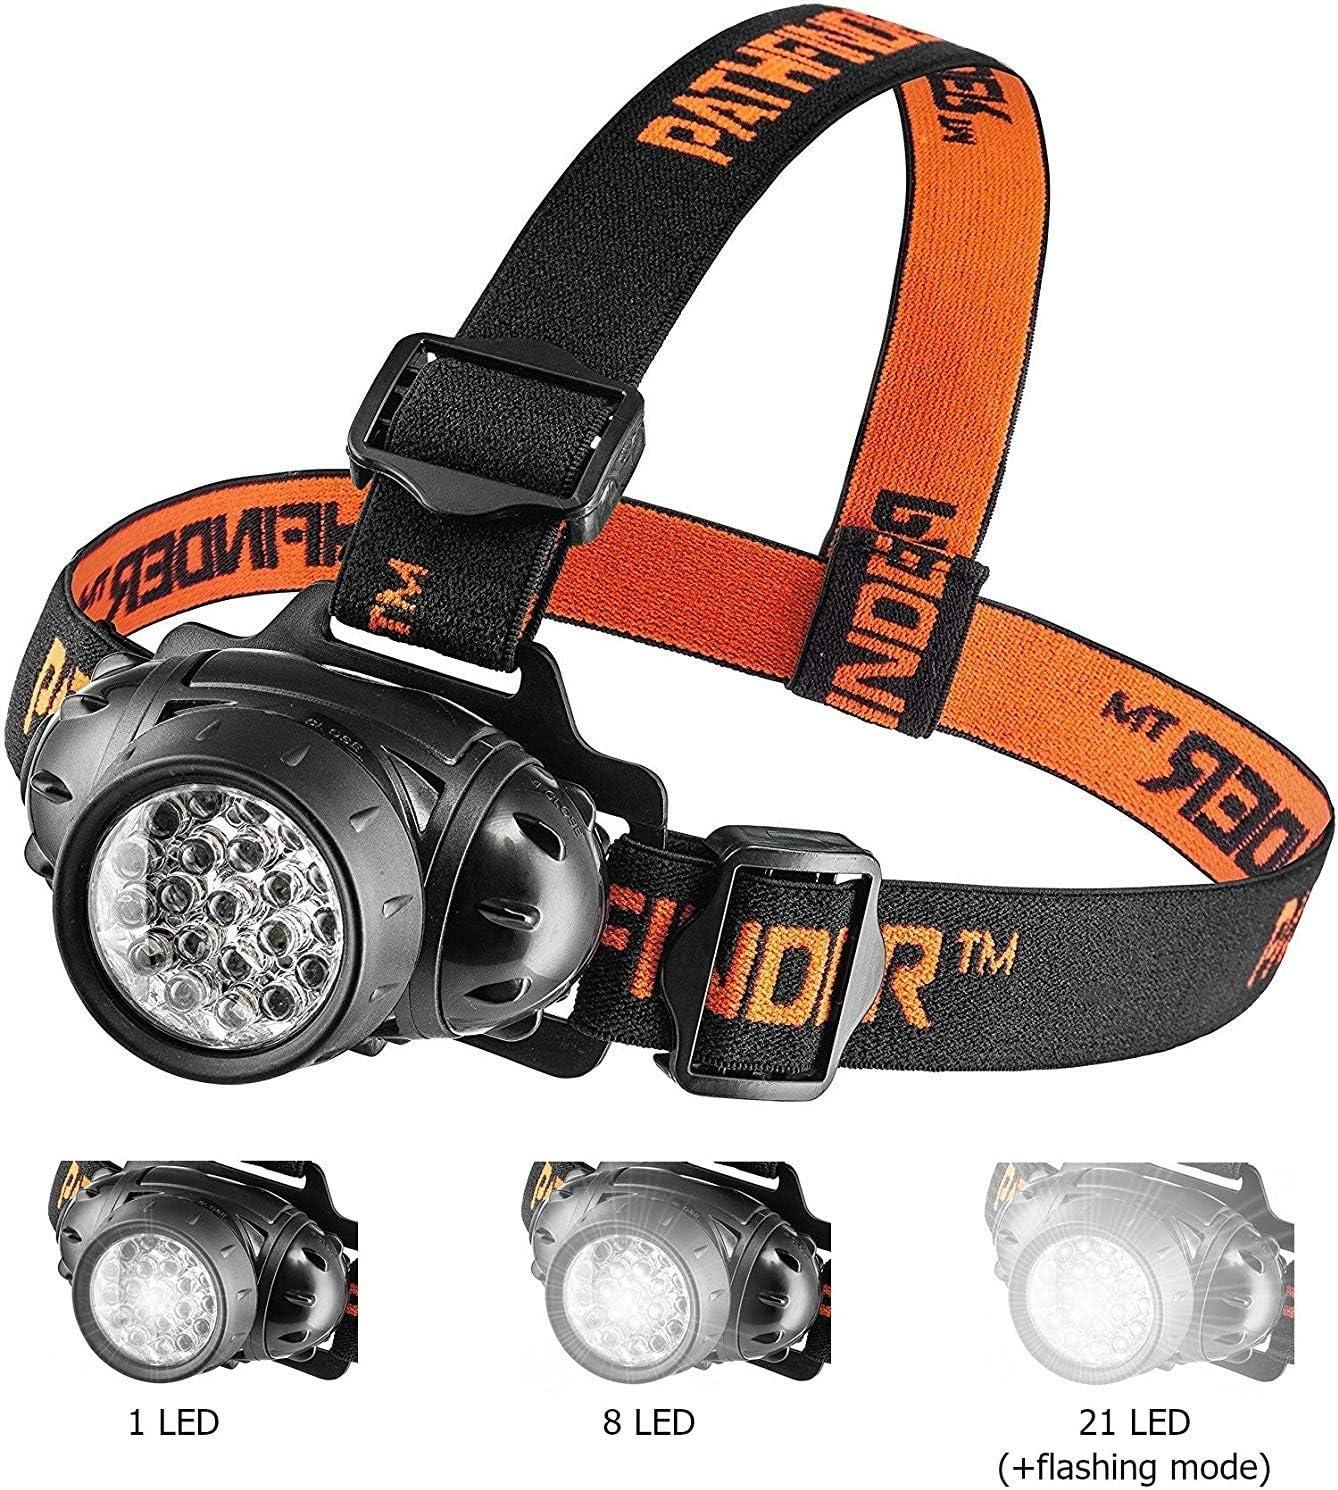 Linterna para la cabeza con 21 luces LED – Linterna Ligera, cómoda ...